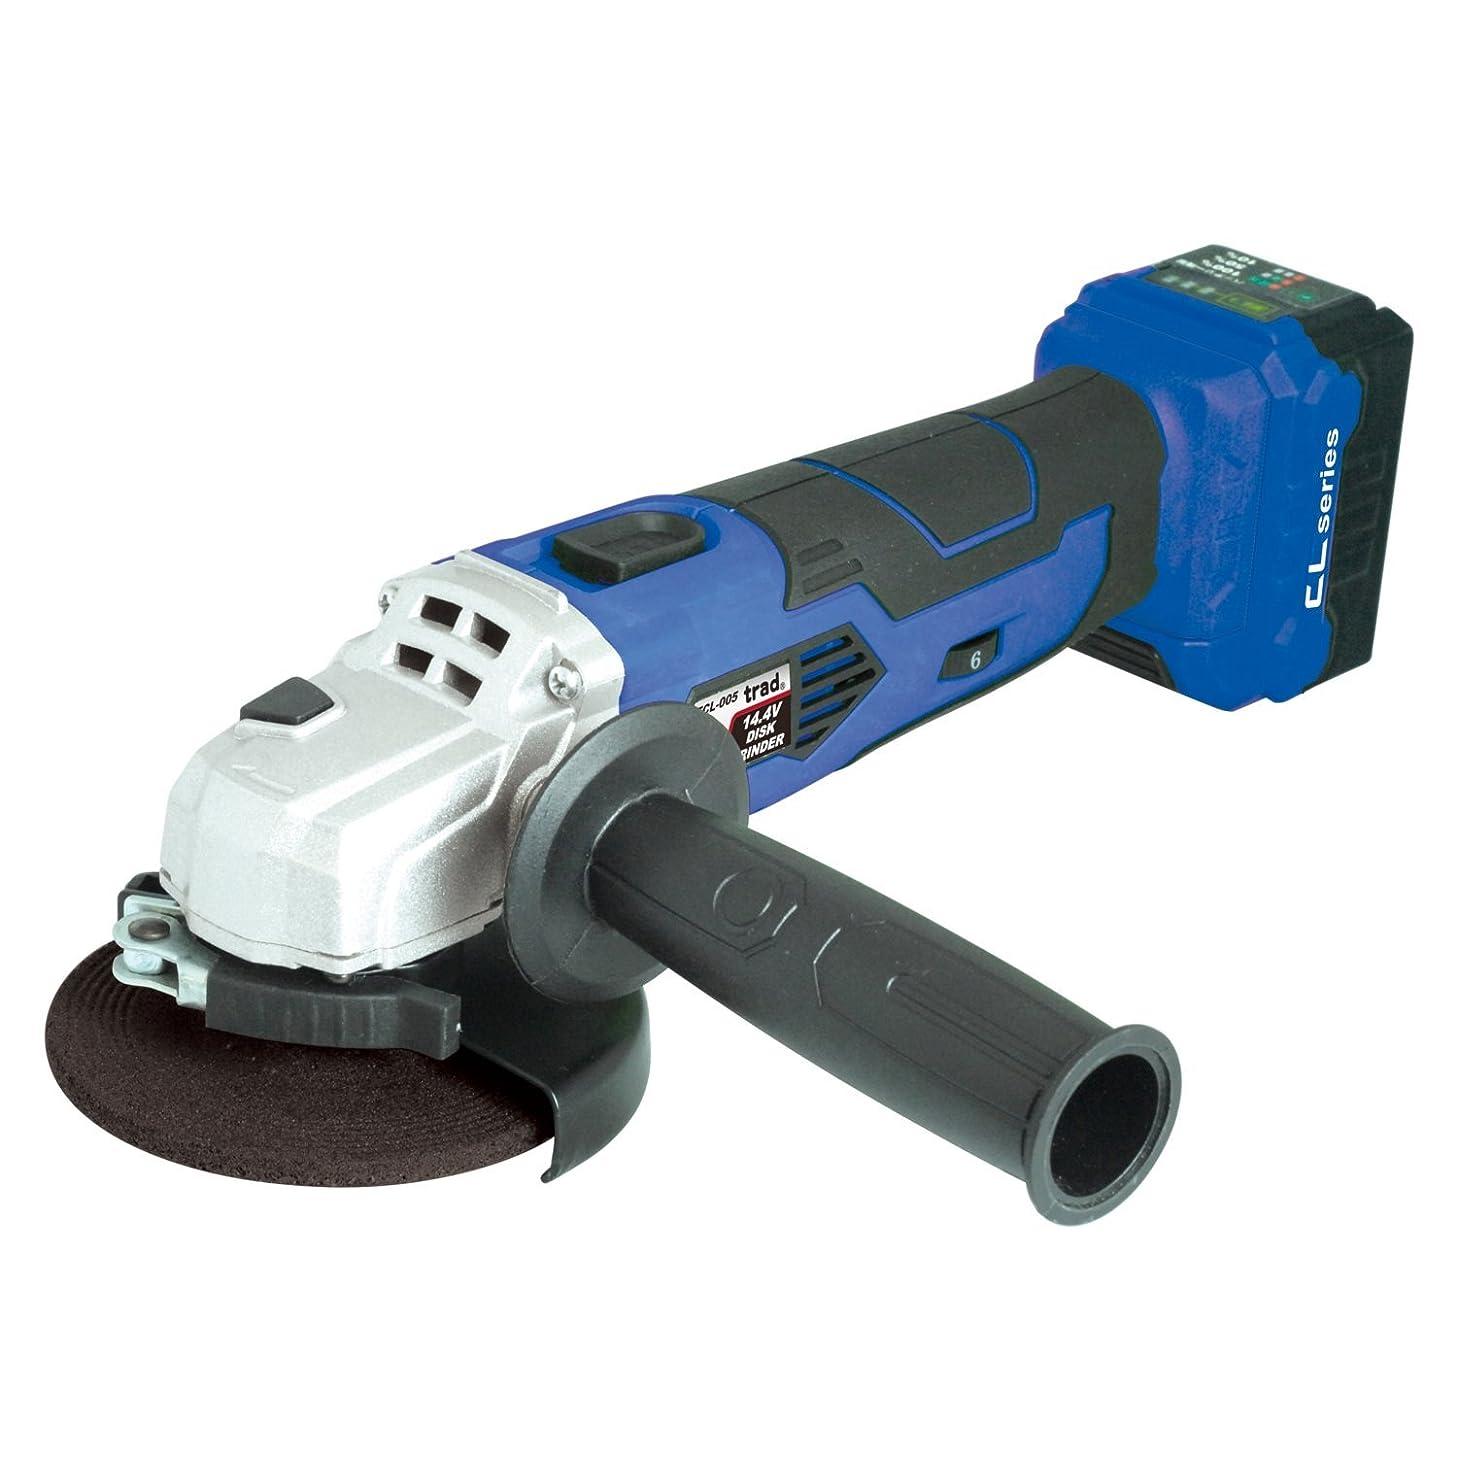 発行するマスタード裁判所TRAD 14.4V充電式ディスクグラインダー バッテリー?充電器付 TCL-005